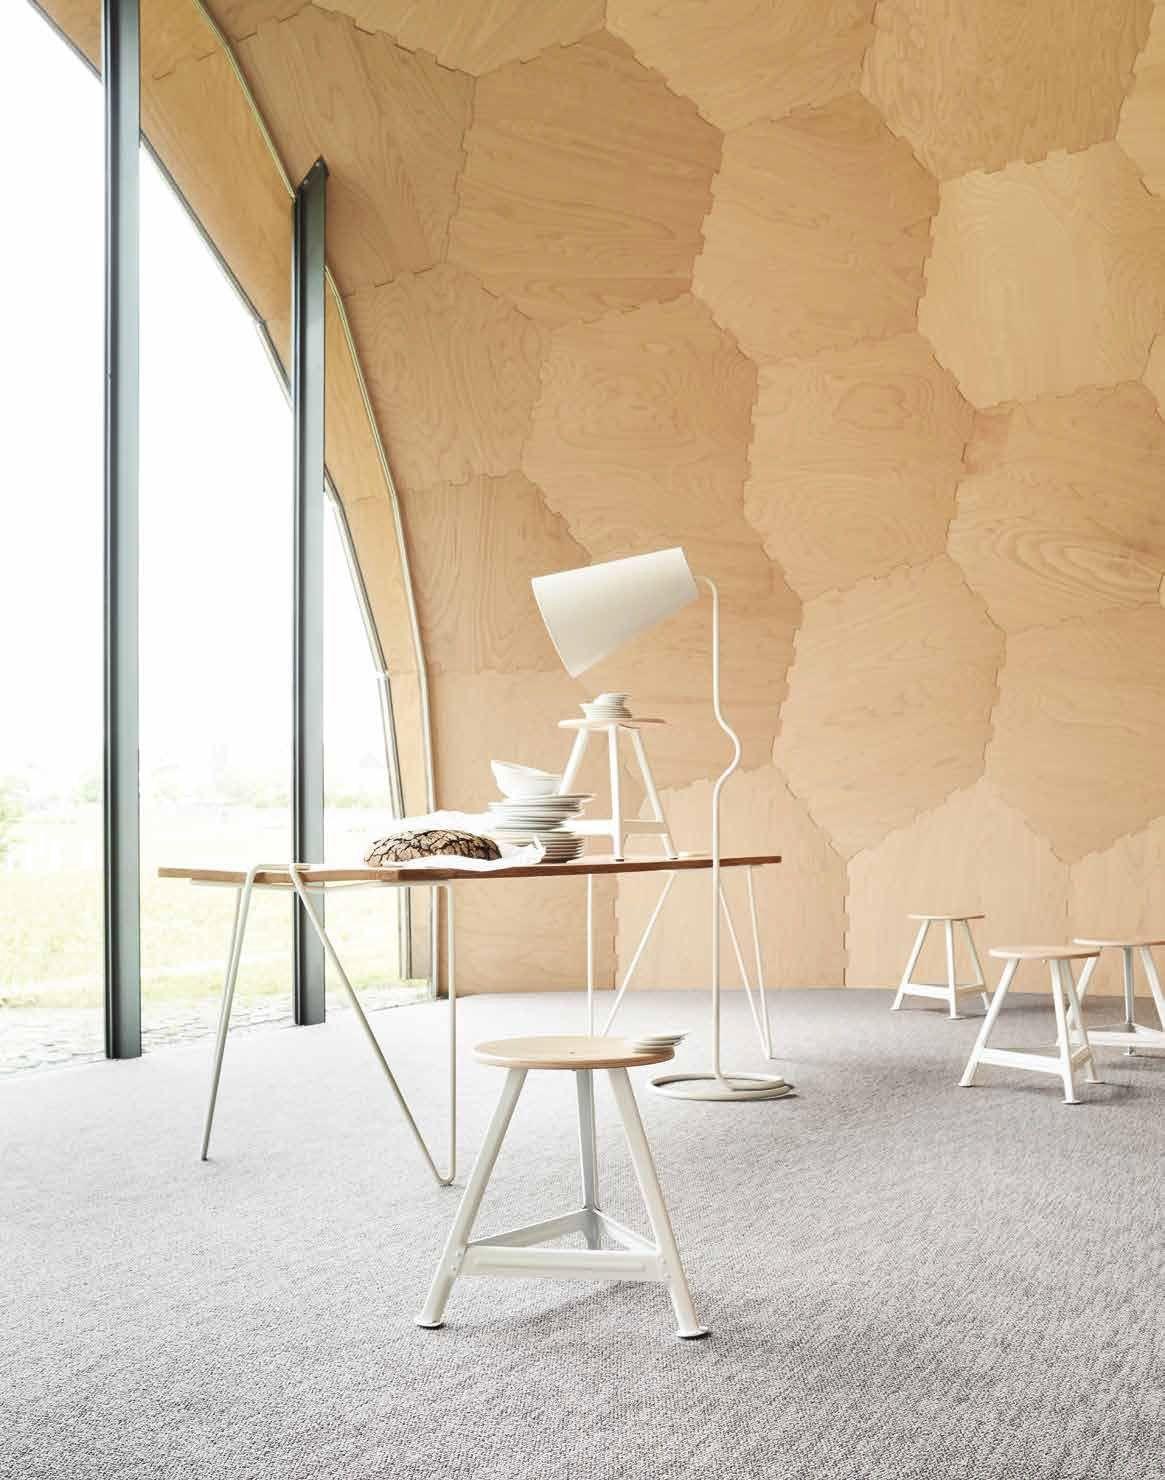 Buroteppich Teppichboden Buro Munchen Teppich Design